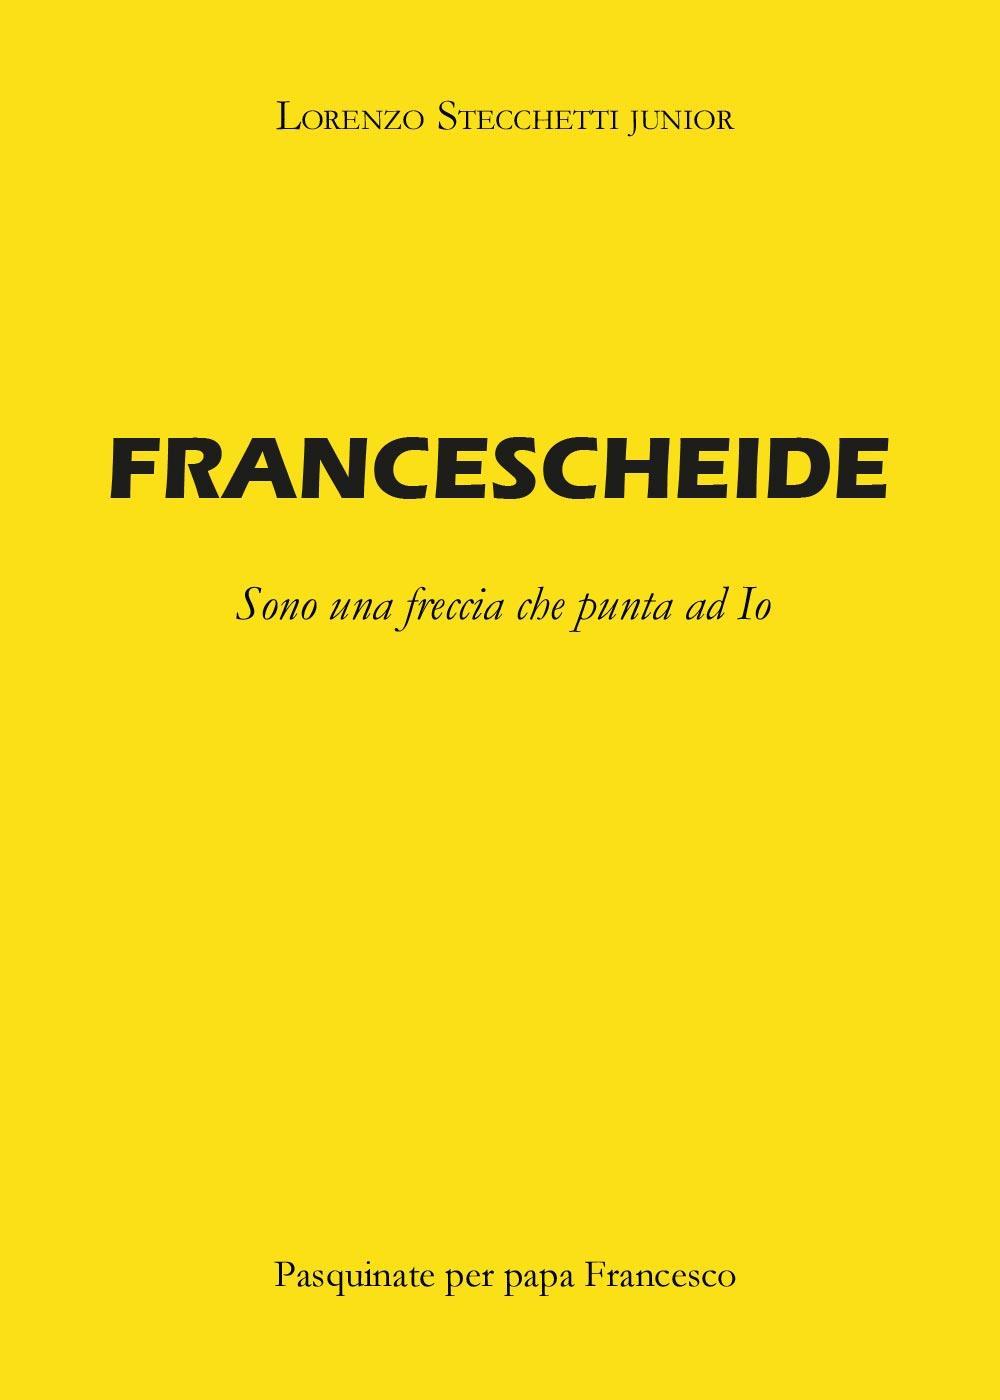 Francescheide